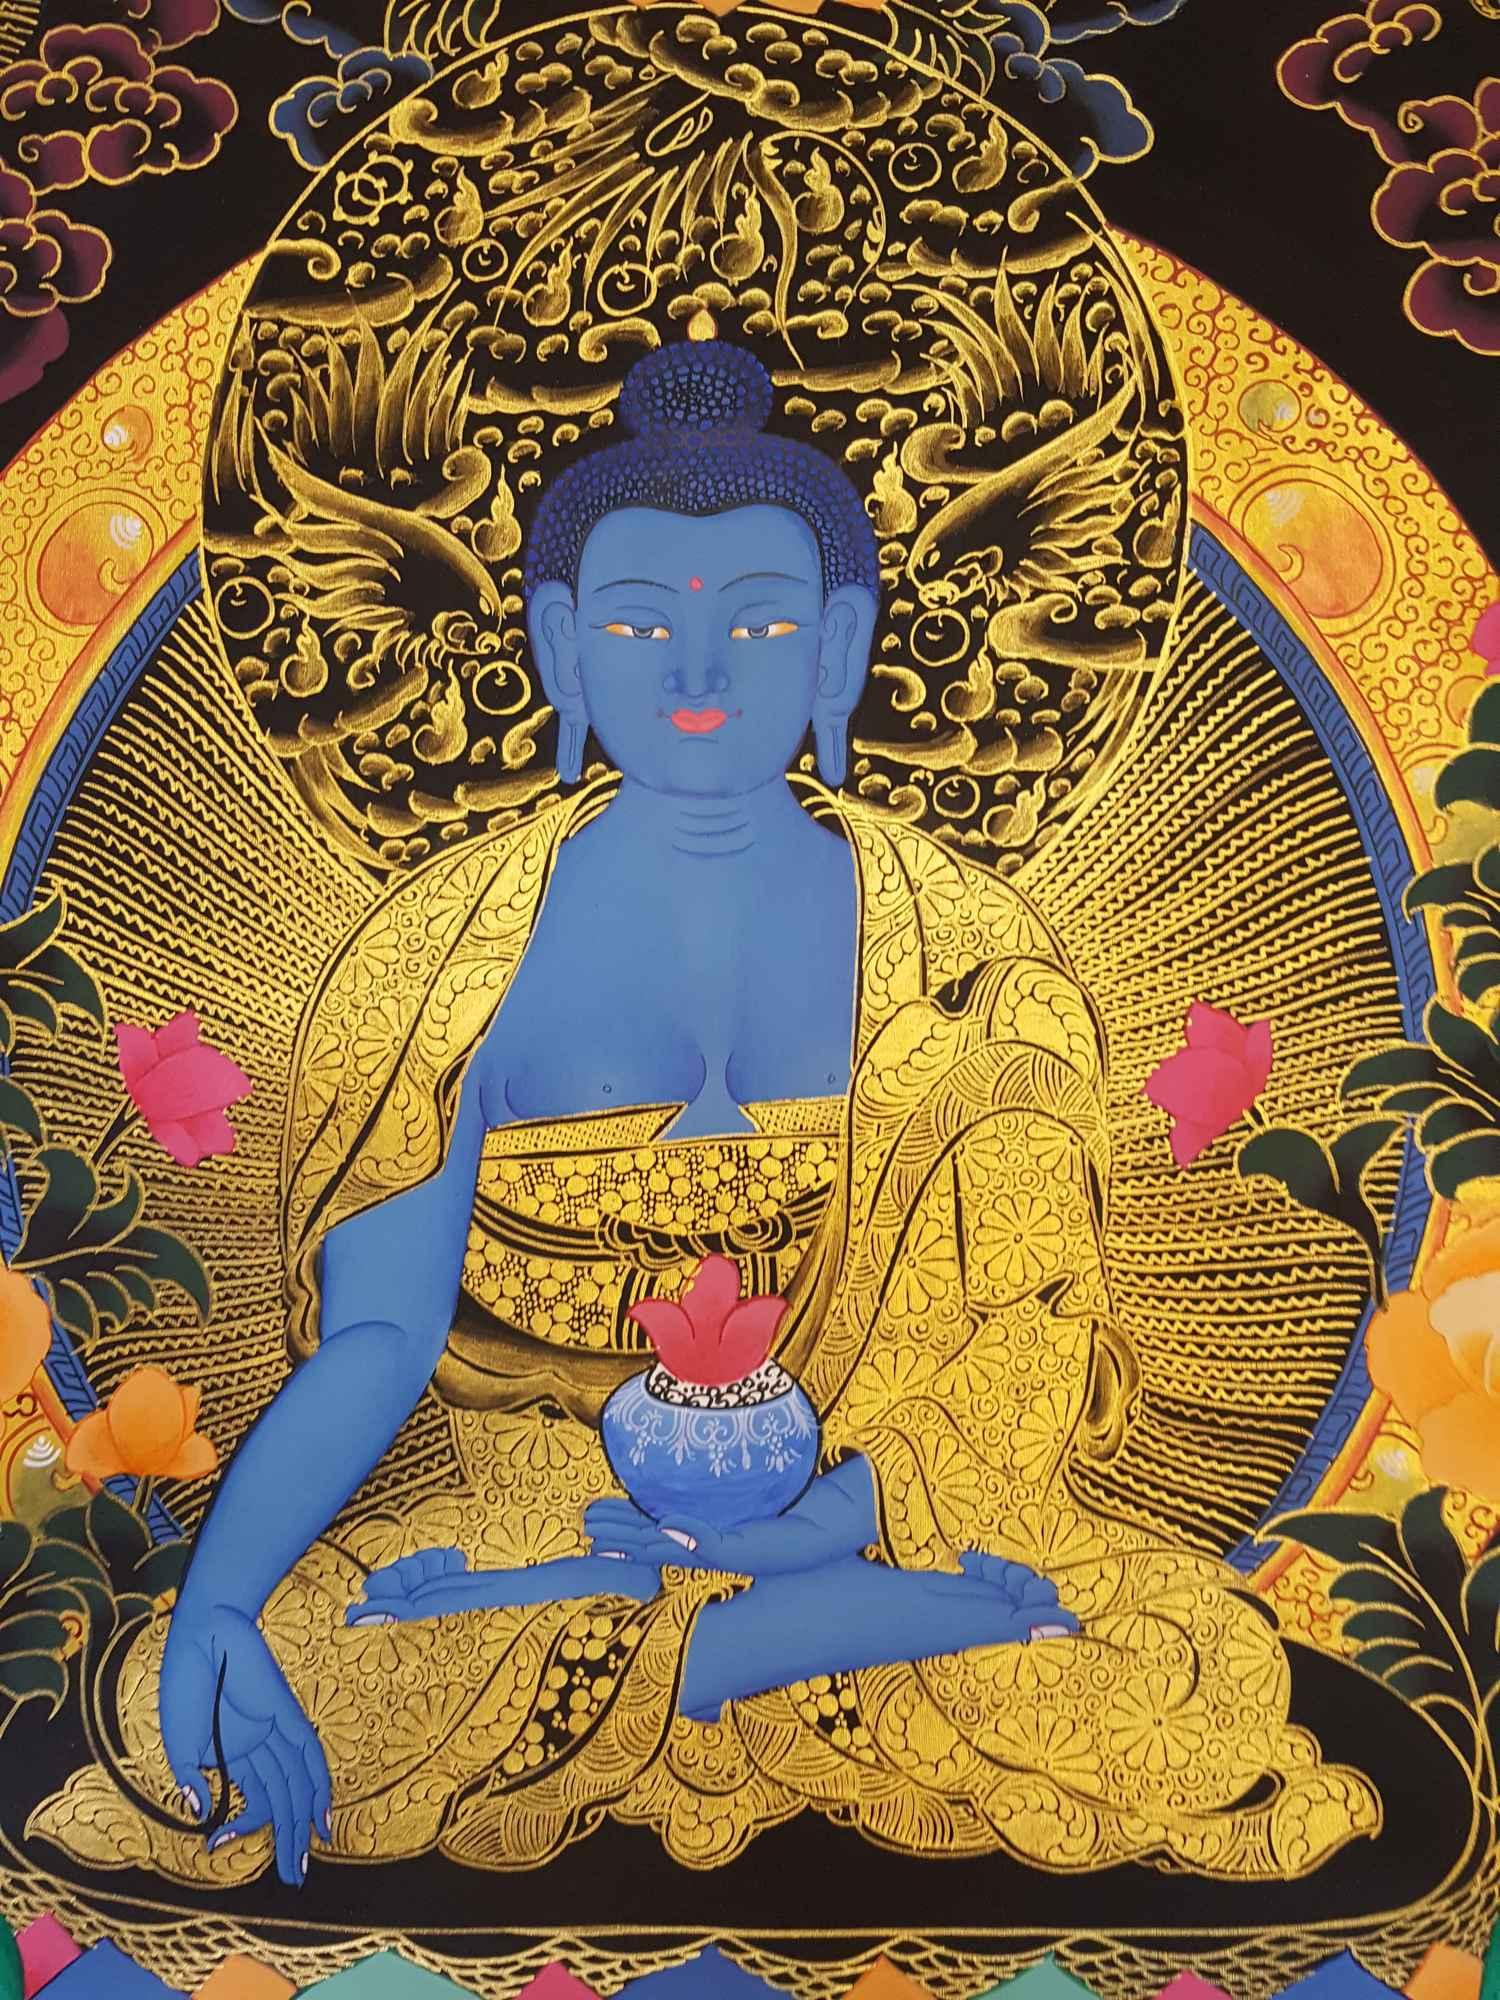 MEDICINE BUDDHA THANGKA [TIBETAN STYLE] [PAINTING] :: Handmade ...